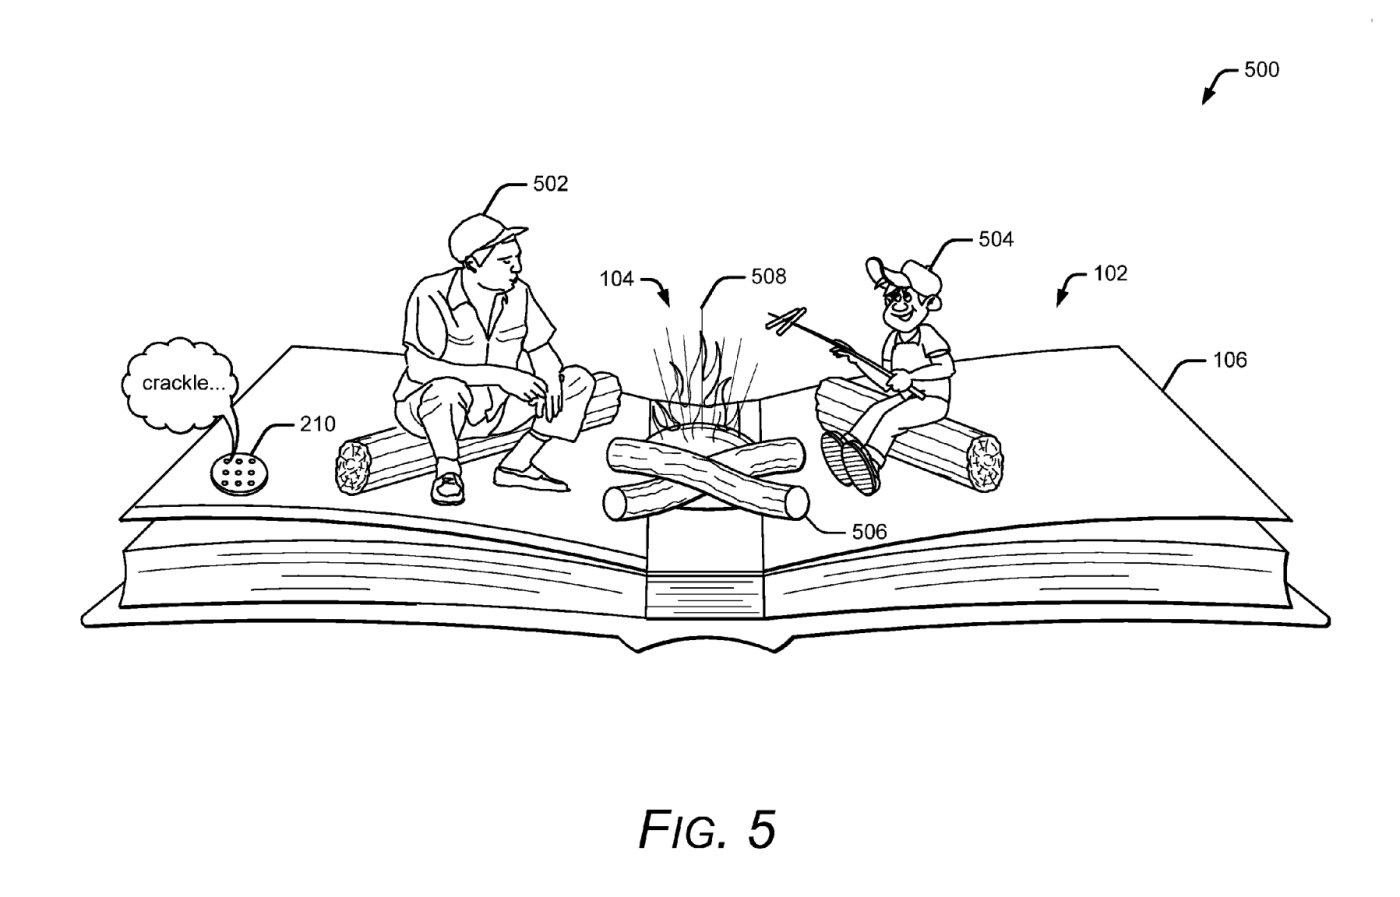 Patente de Google uso de realidad aumentada en libros interactivos